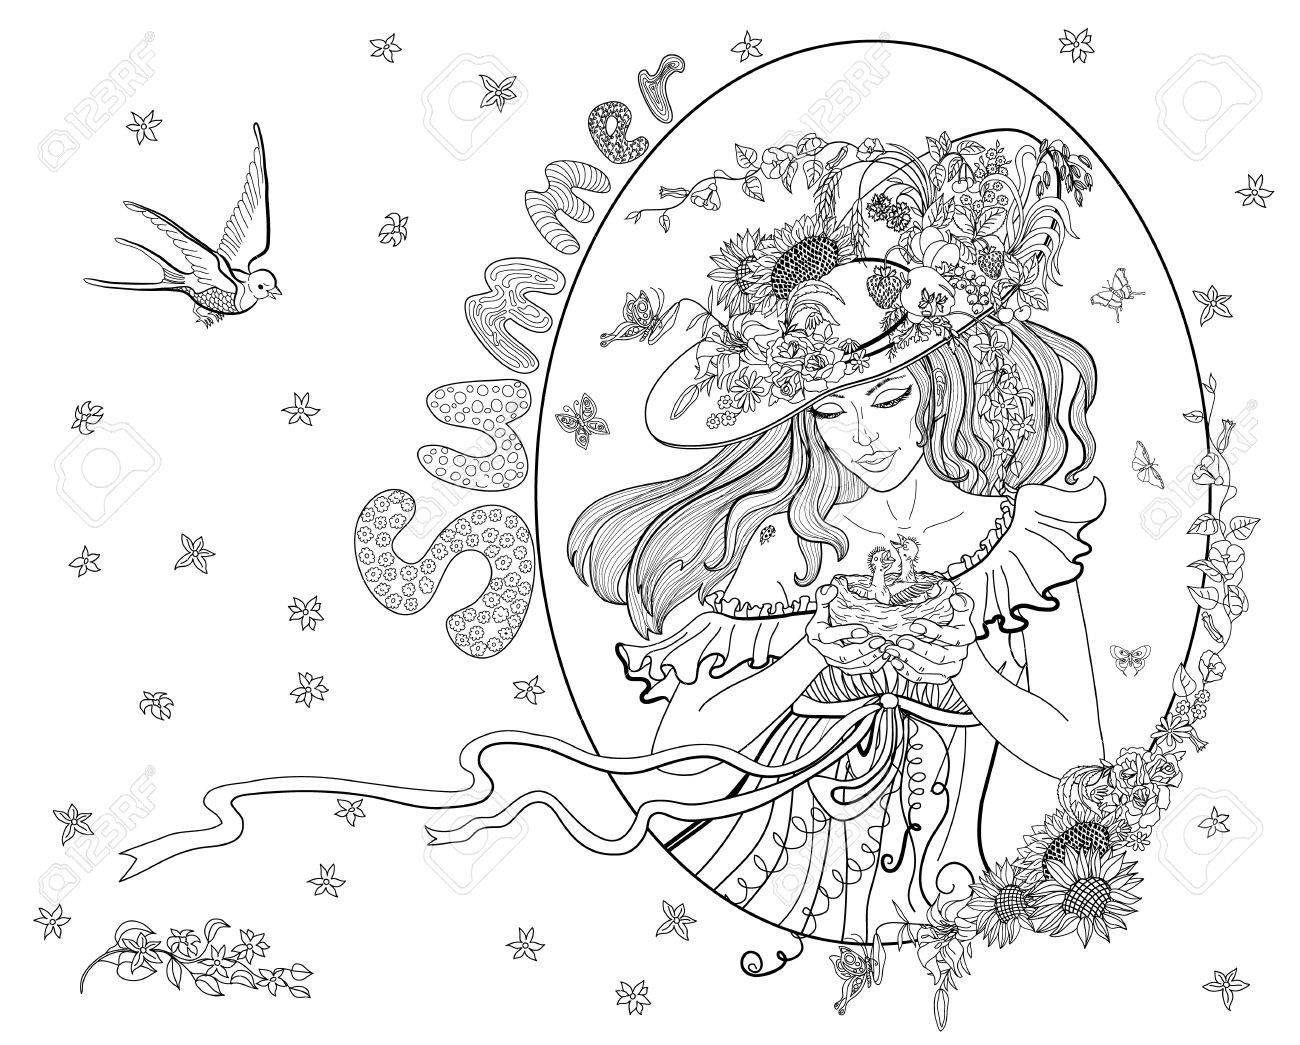 Dibujo Para Colorear Para Los Adultos Con La Muchacha De Verano Flores Pájaros Y Mariposas